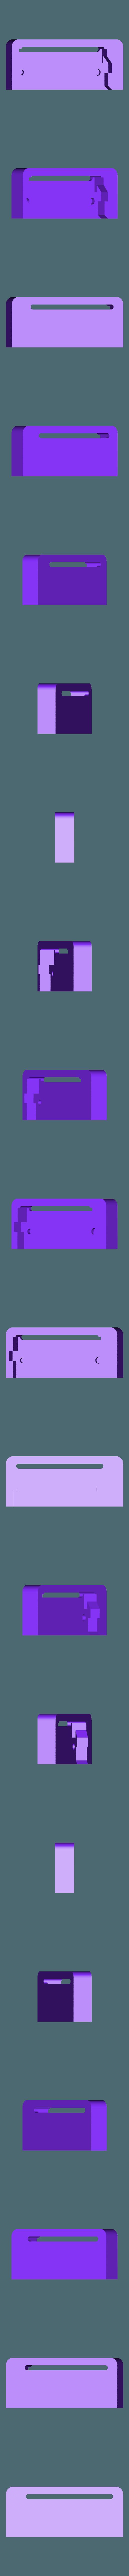 2_SD_Case_A.STL Télécharger fichier STL gratuit Support pour carte SD d'extension • Modèle pour imprimante 3D, perinski